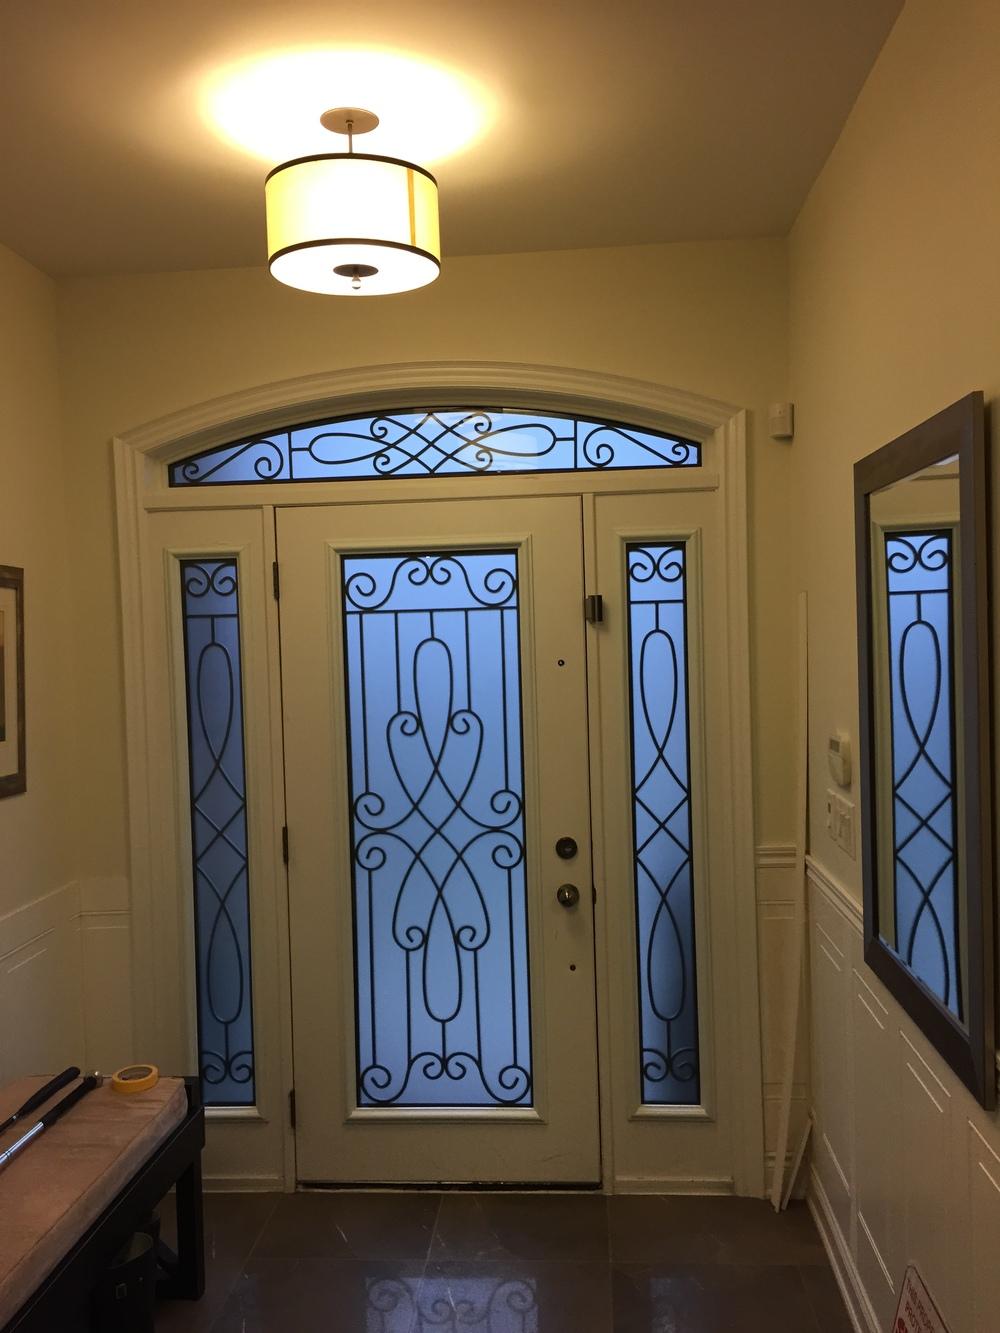 Nottingham-Wrought-Iron-Glass-Door-Inserts-Barrie-Ontario